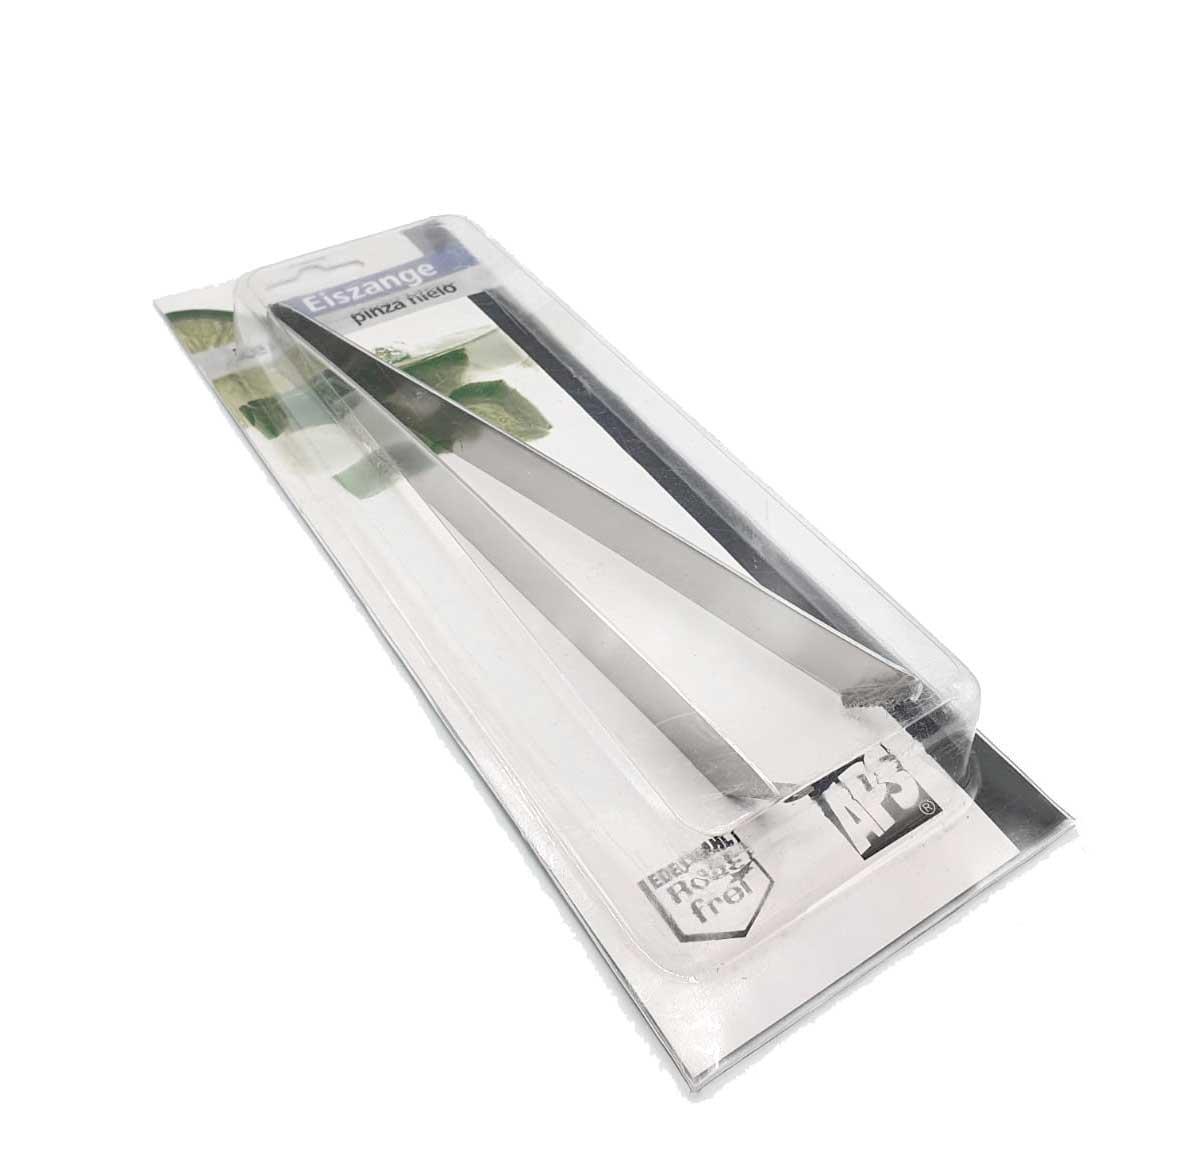 APS Eiszange / ice tong aus Edelstahl Barzange ca 20 cm